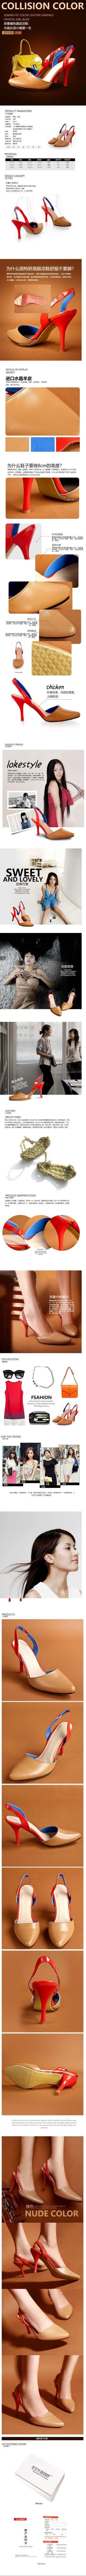 轻奢简约百货零售鞋子高跟鞋凉鞋促销电商详情页